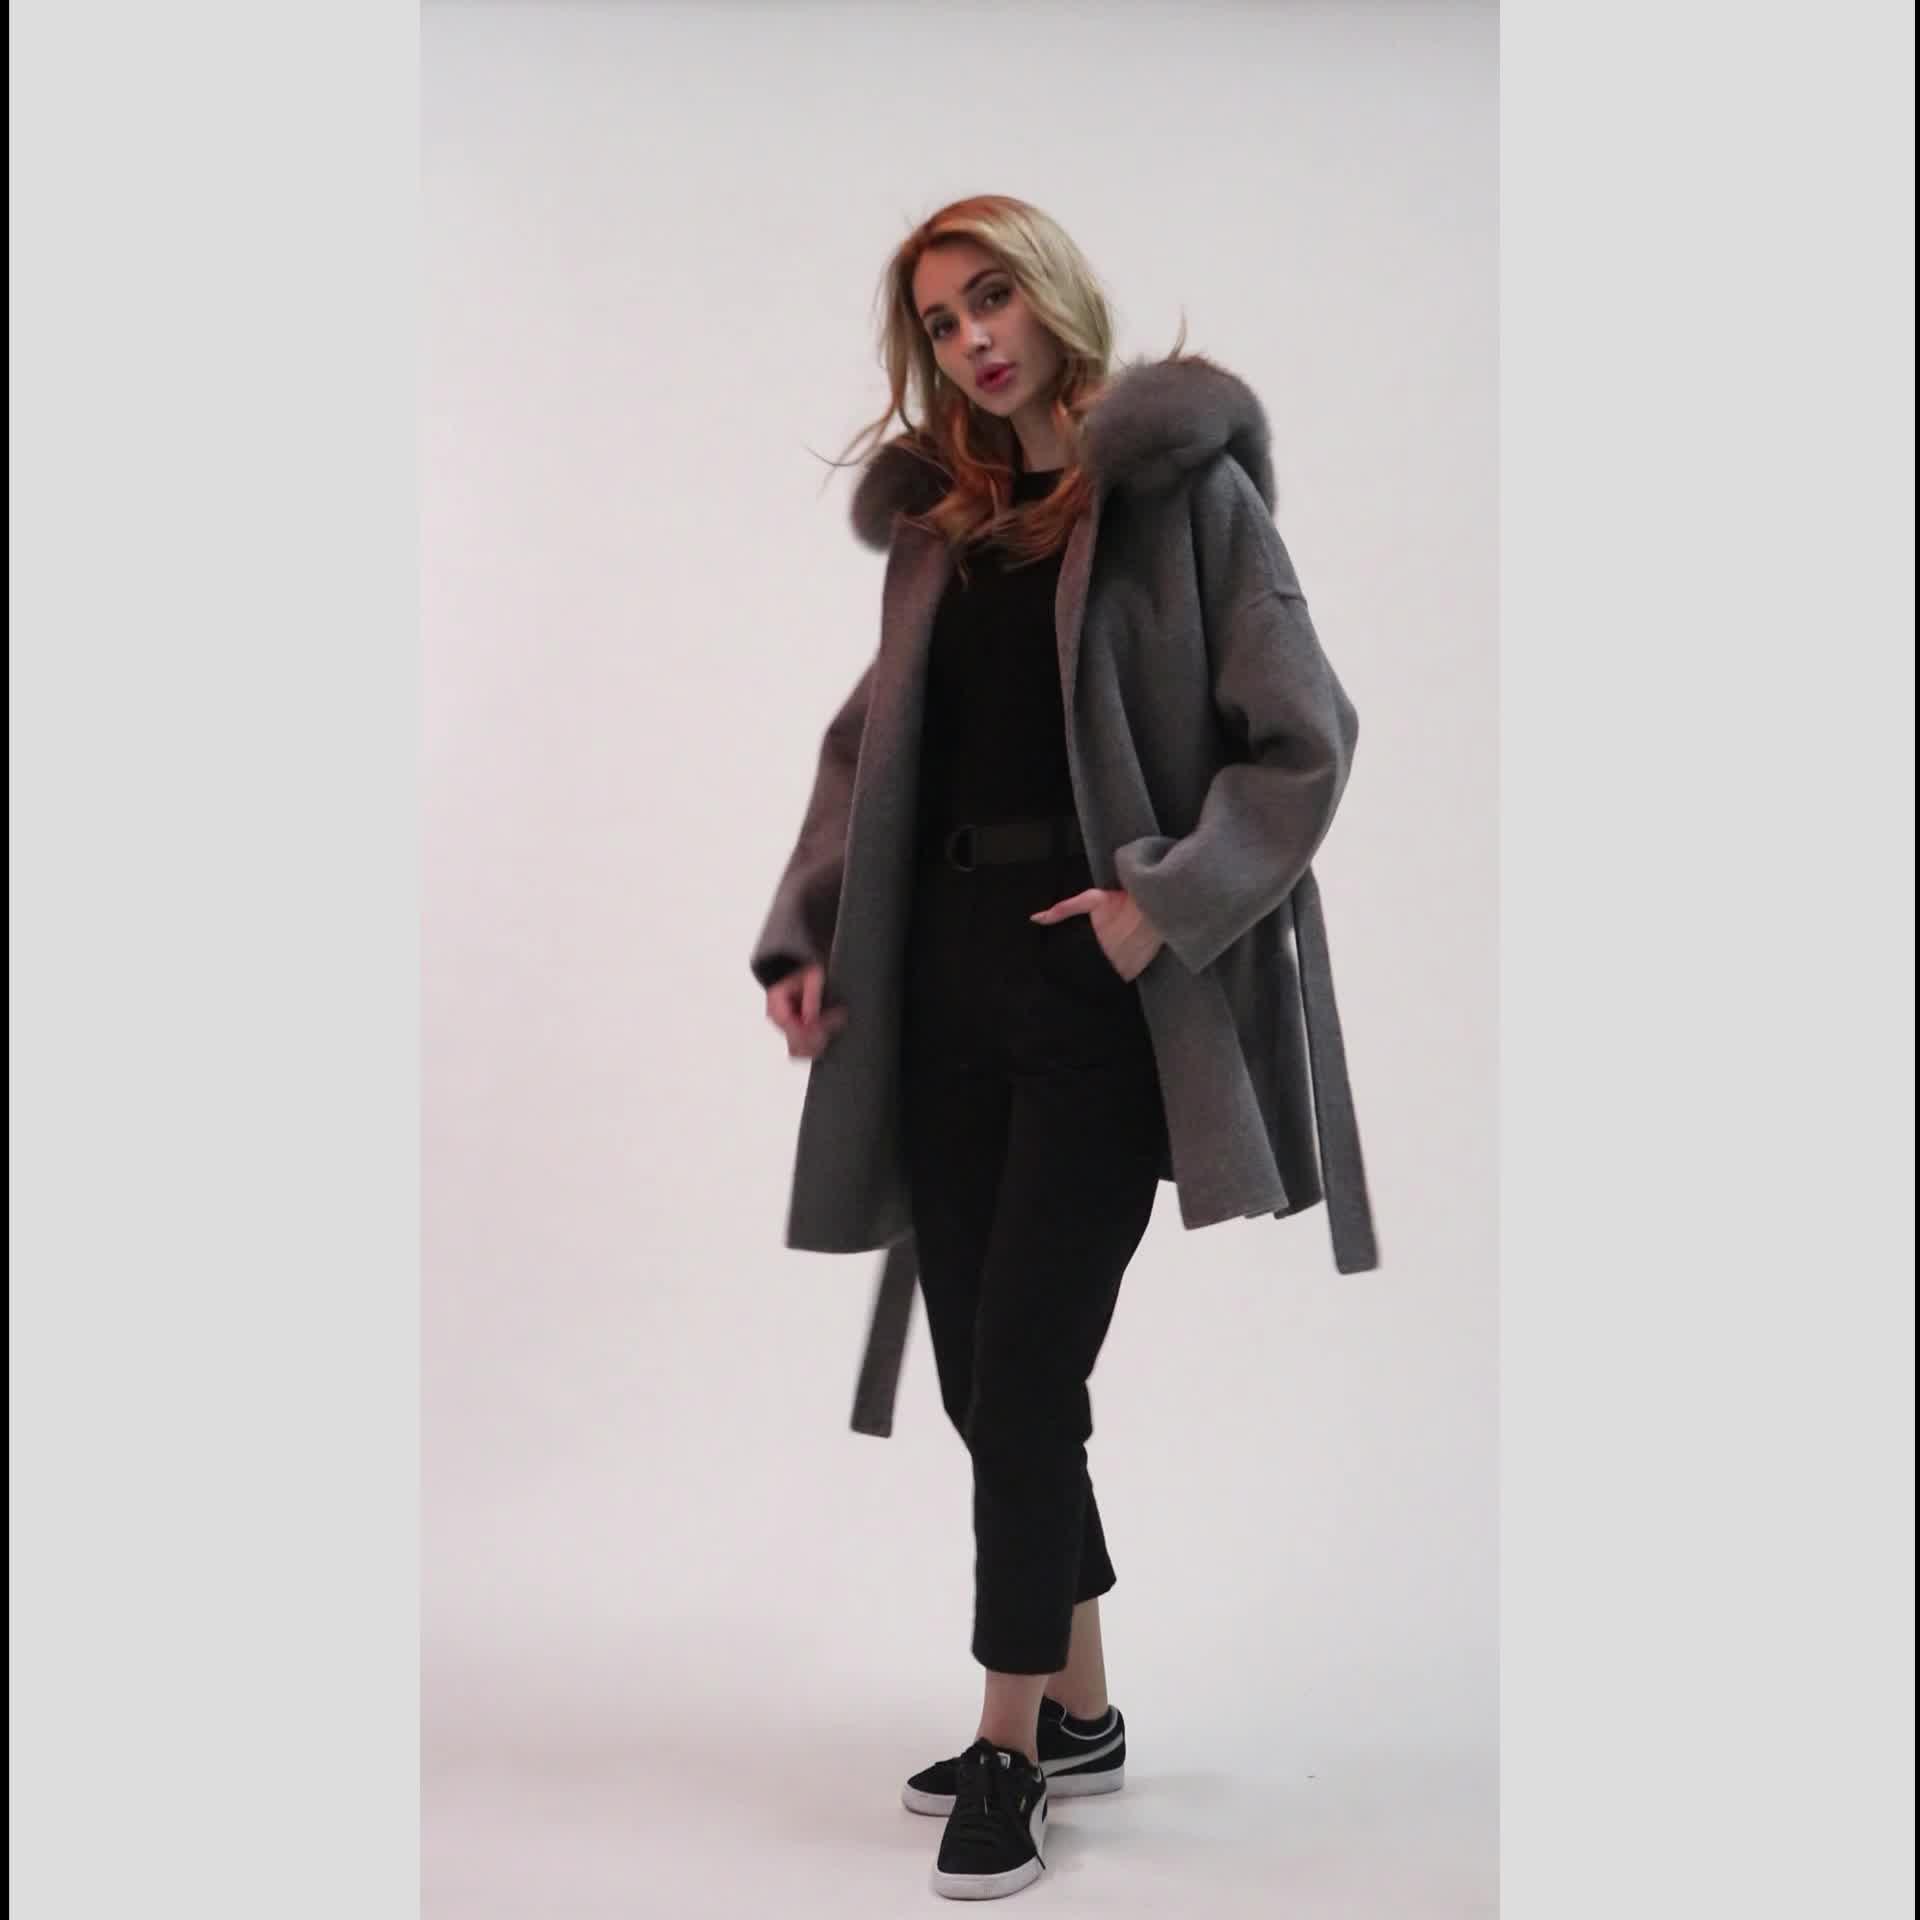 Kadınlar bayanlar kaşmir ceket gerçek tilki kürk yaka kaşmir ceket çift yüz kaşmir ceket